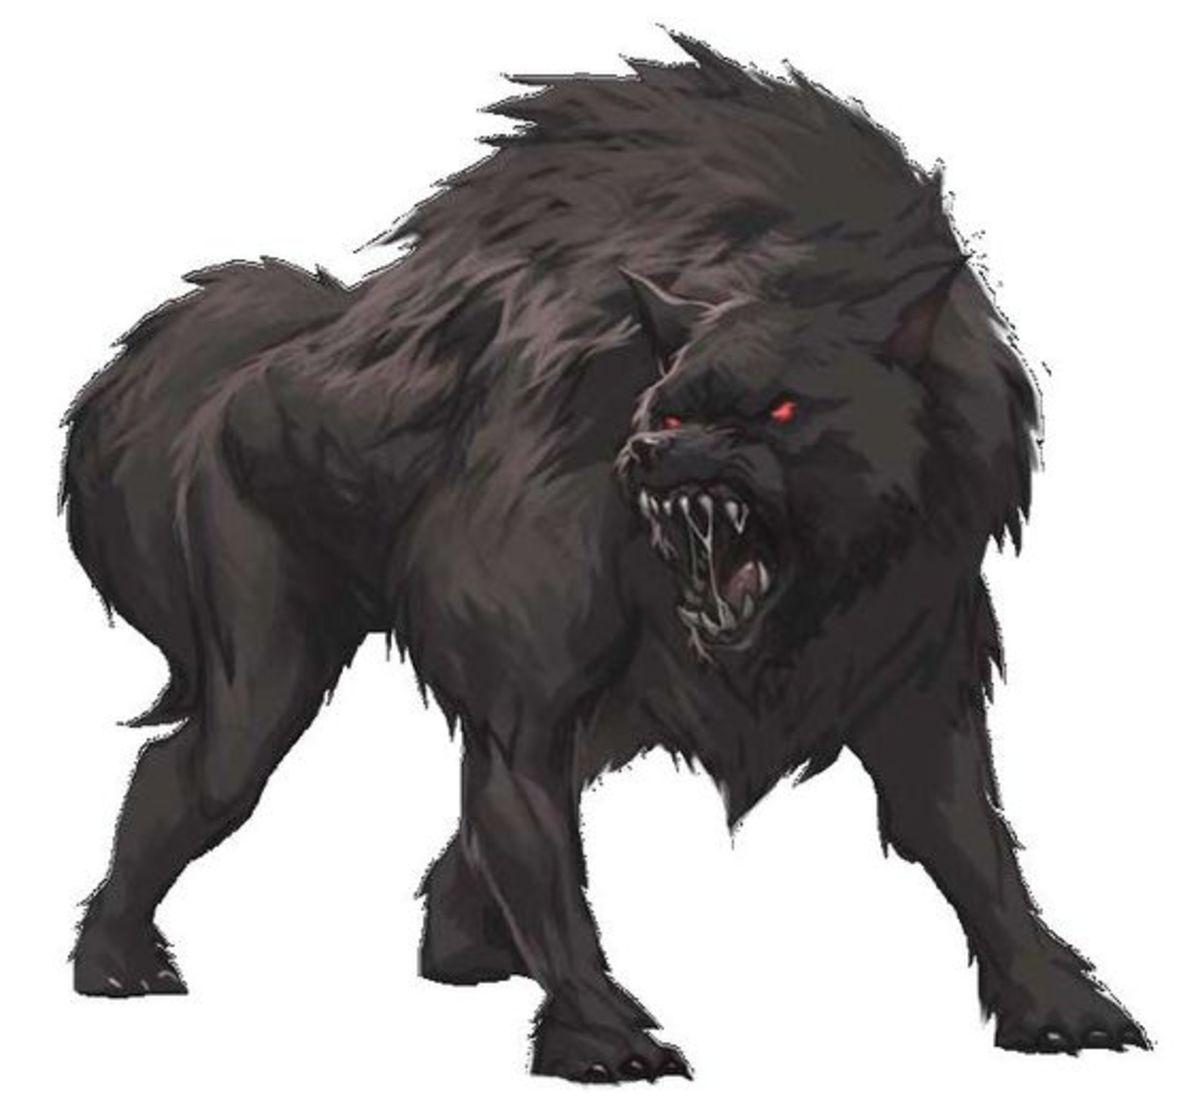 Worg (Dog-wolf)